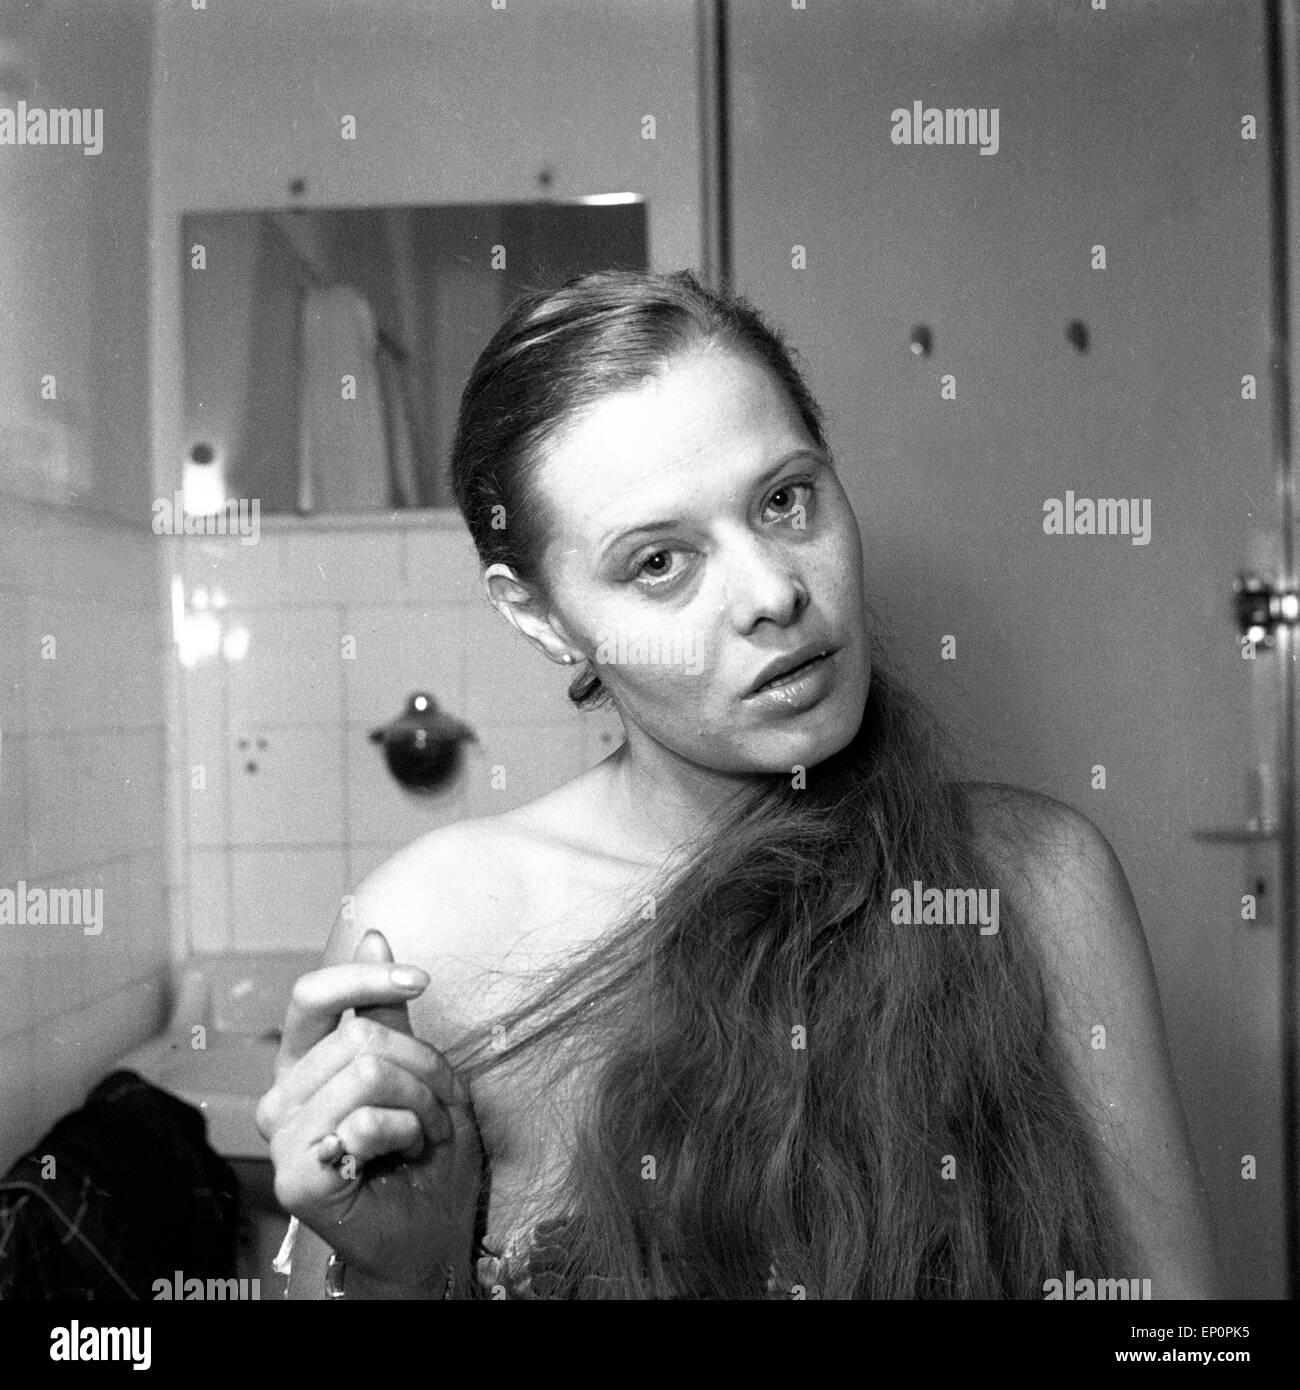 eine junge frau im badezimmer im deutschland der 1950er jahre. a, Badezimmer ideen